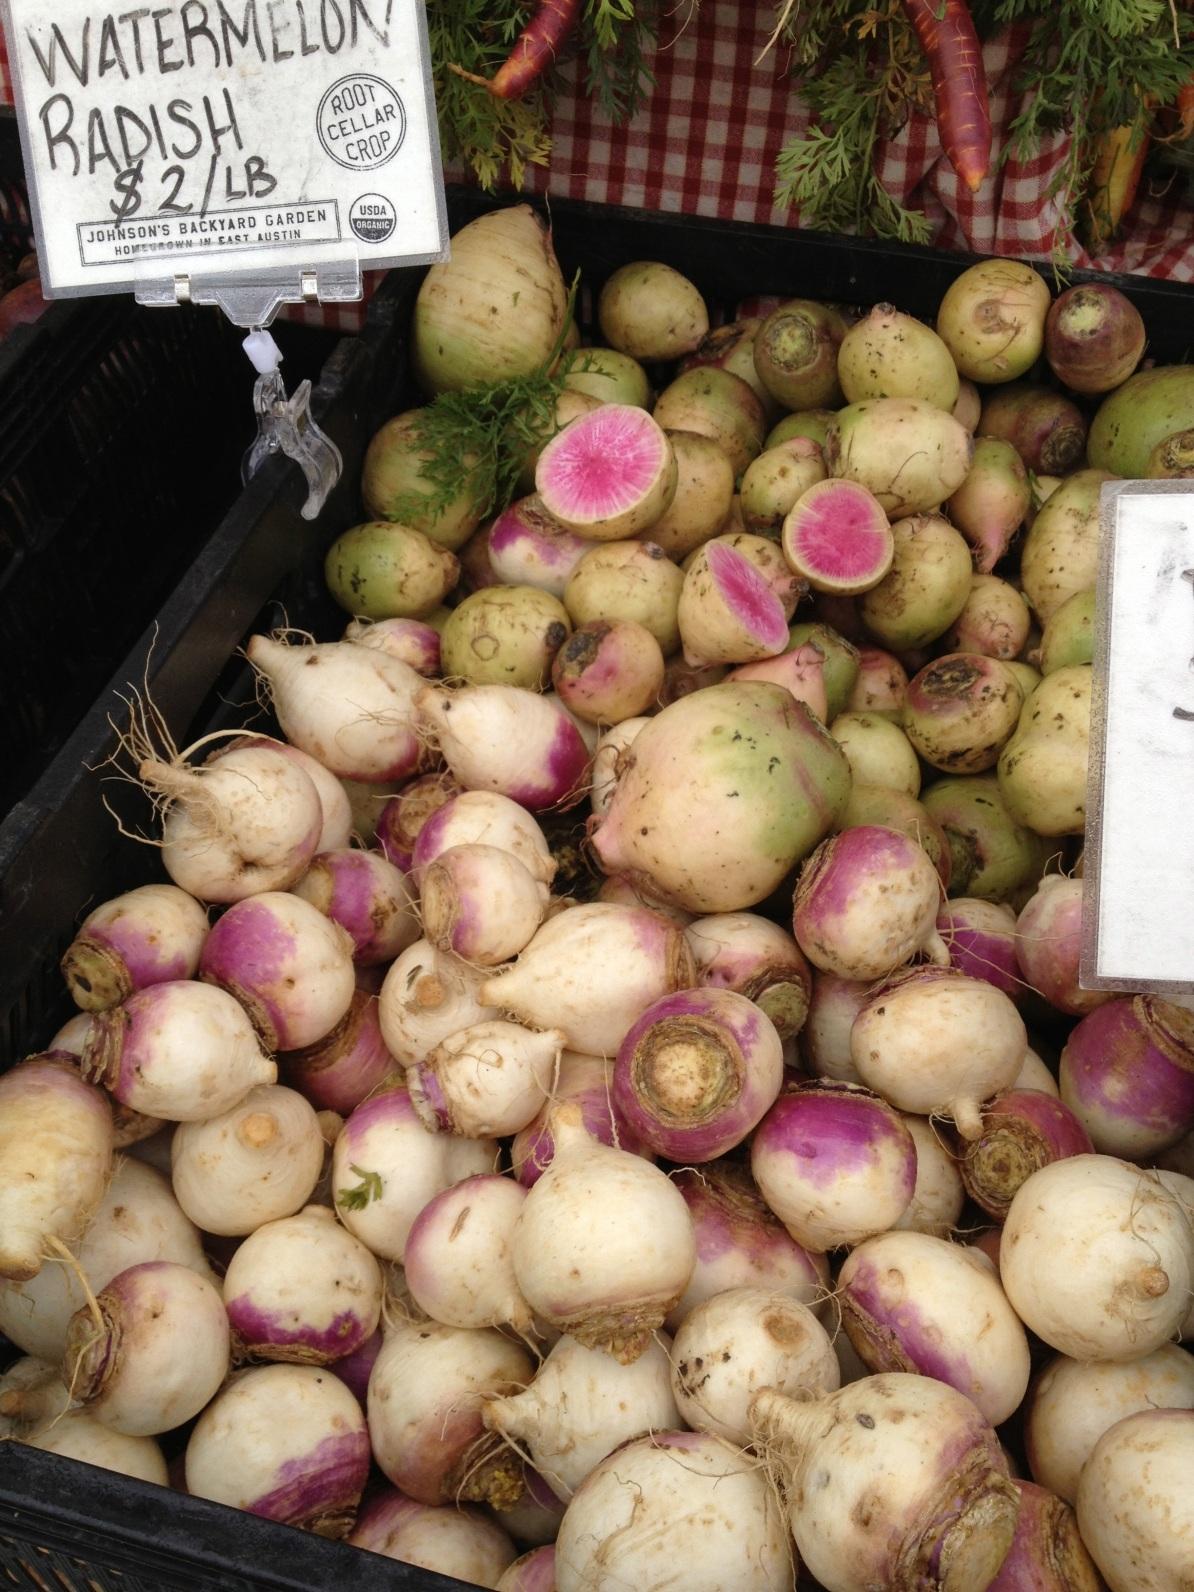 farmers market memories | aneelee.wordpress.com